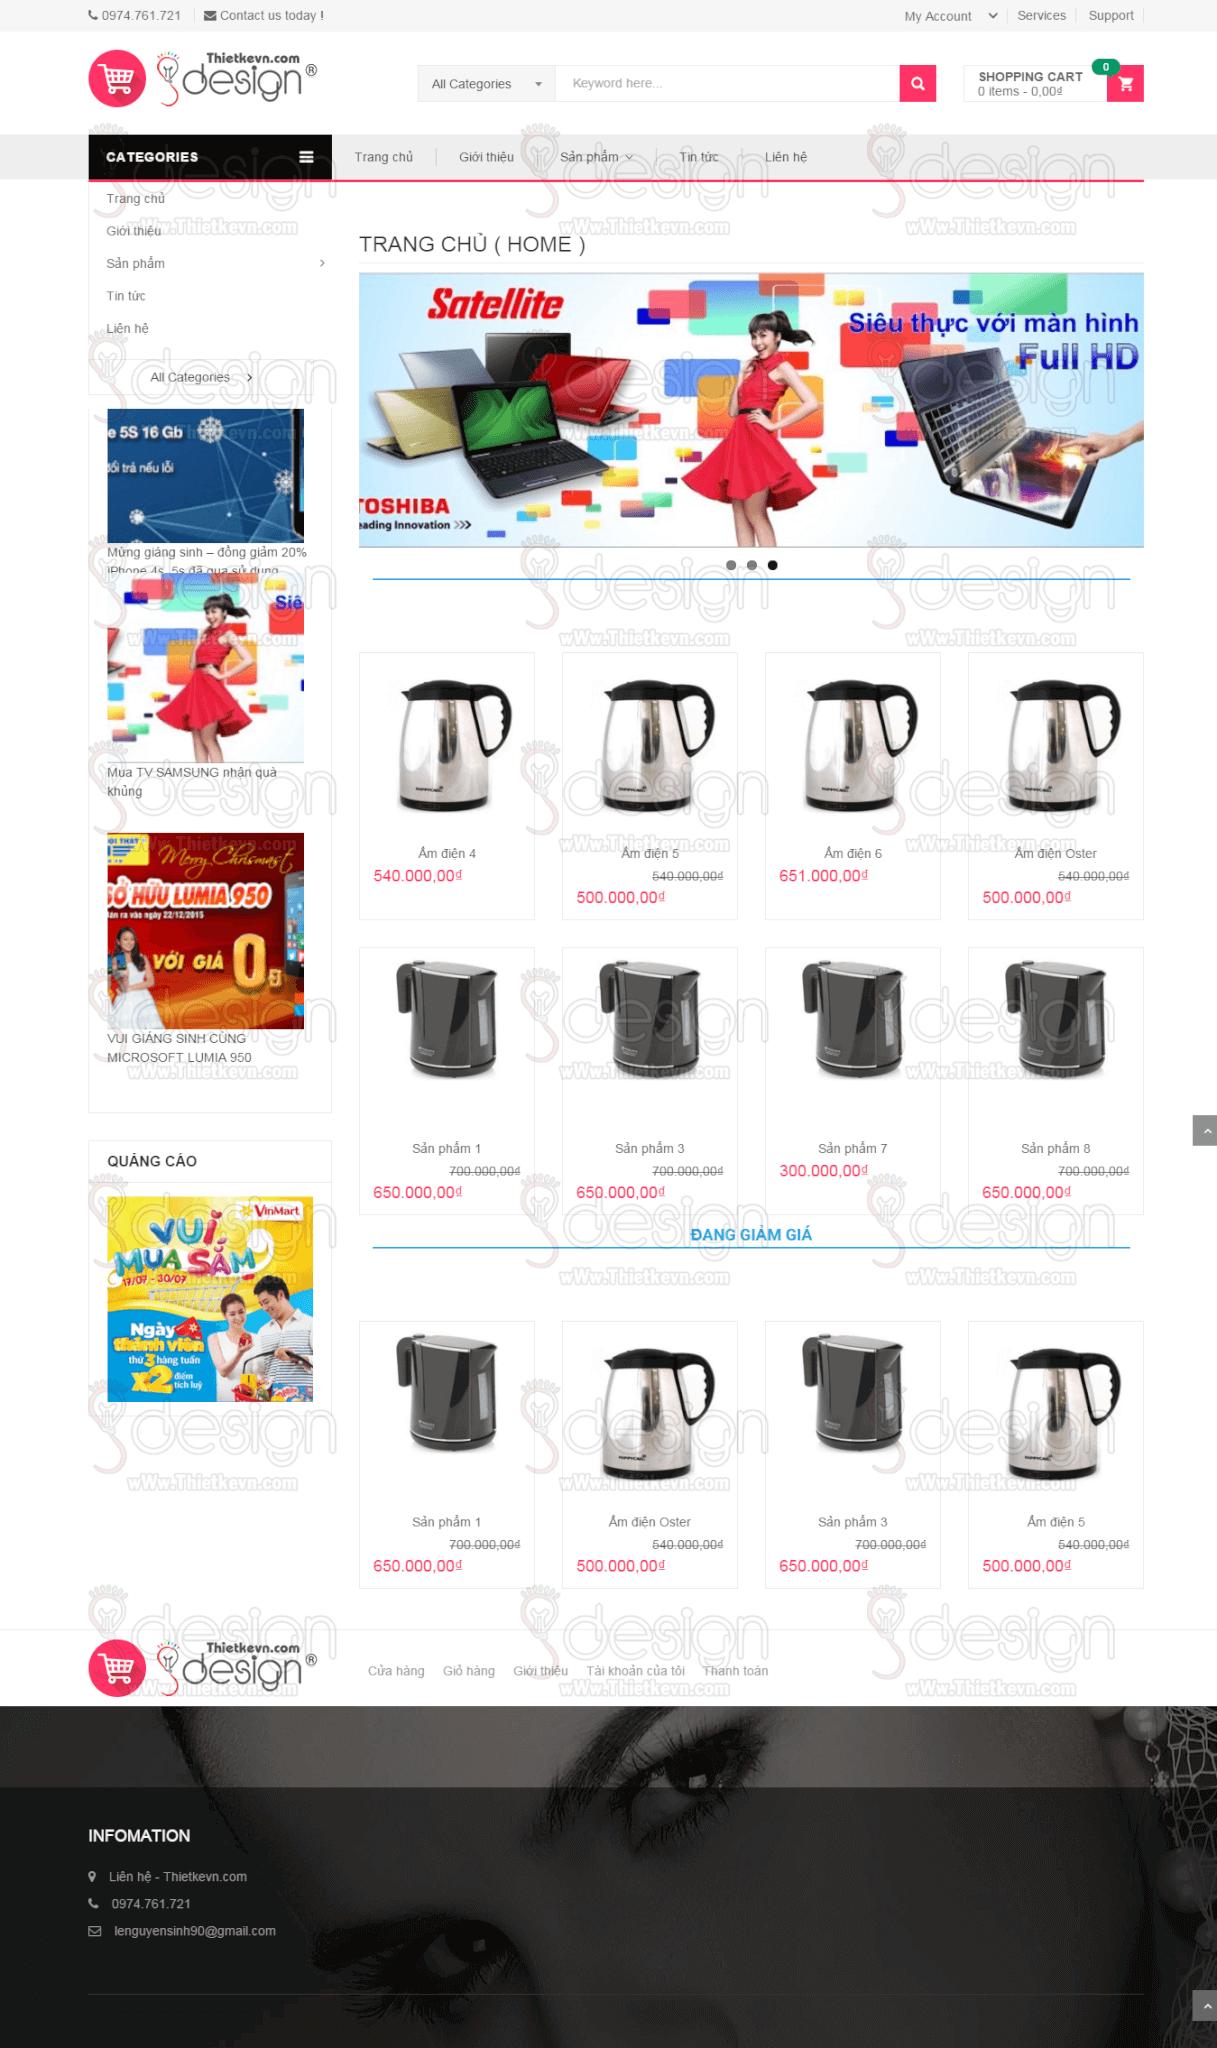 Thiết kế website bán hàng, shop giá rẻ - Trang chủ